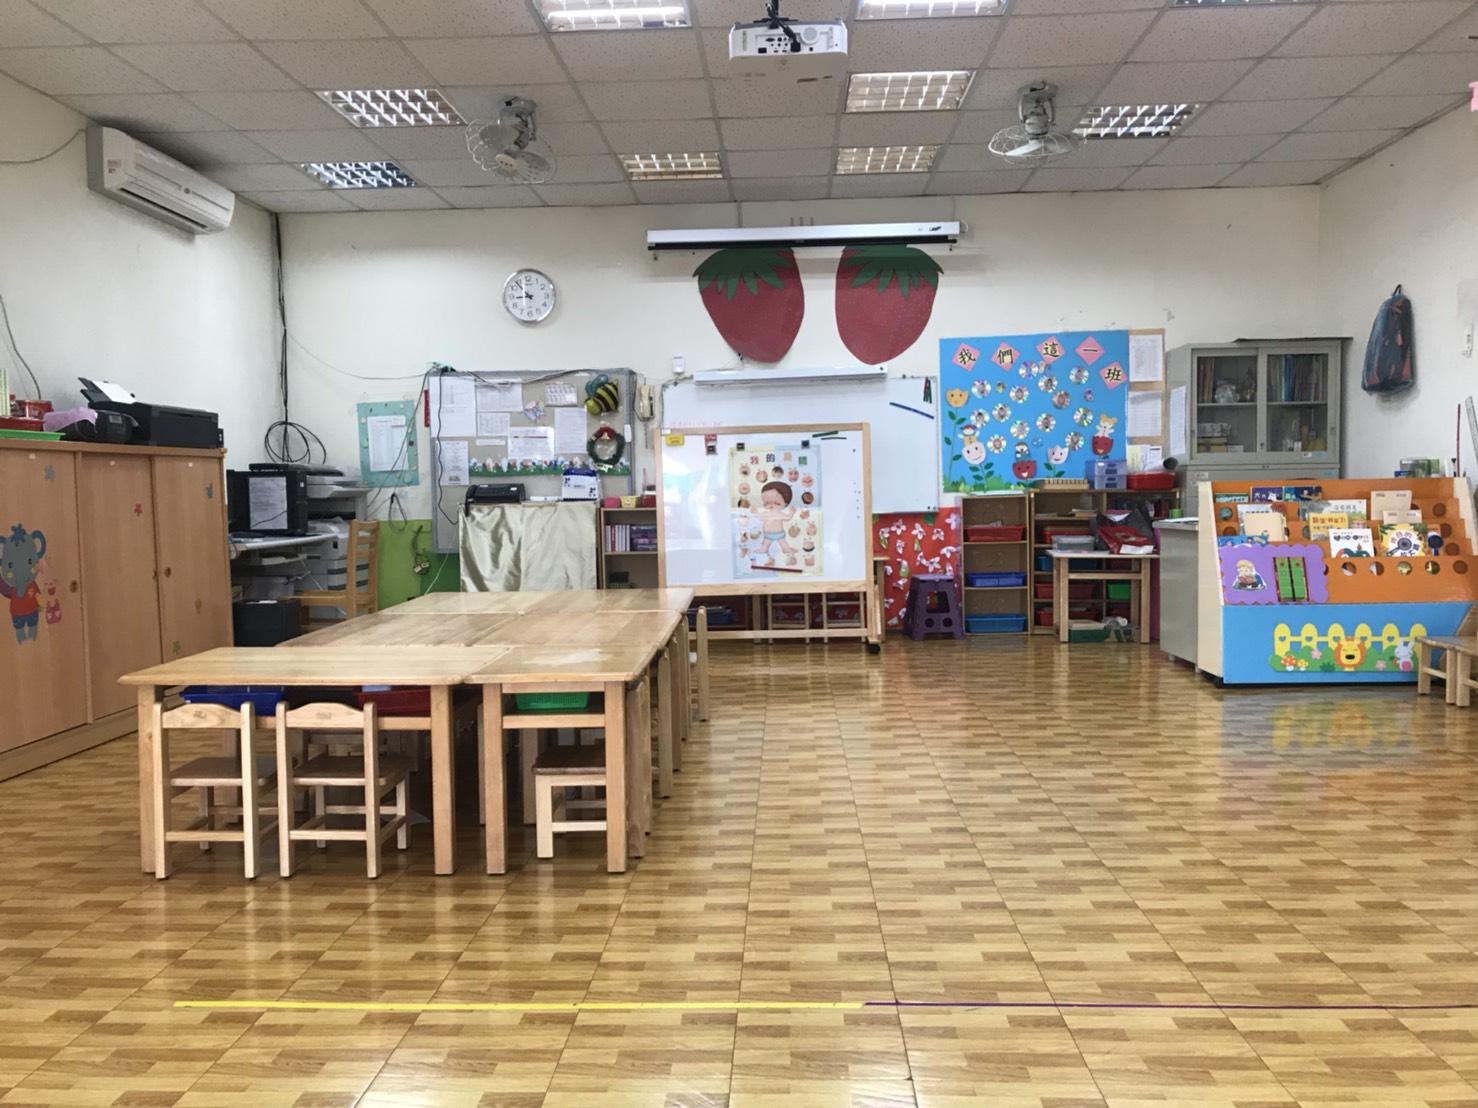 明亮寬敞的教室空間